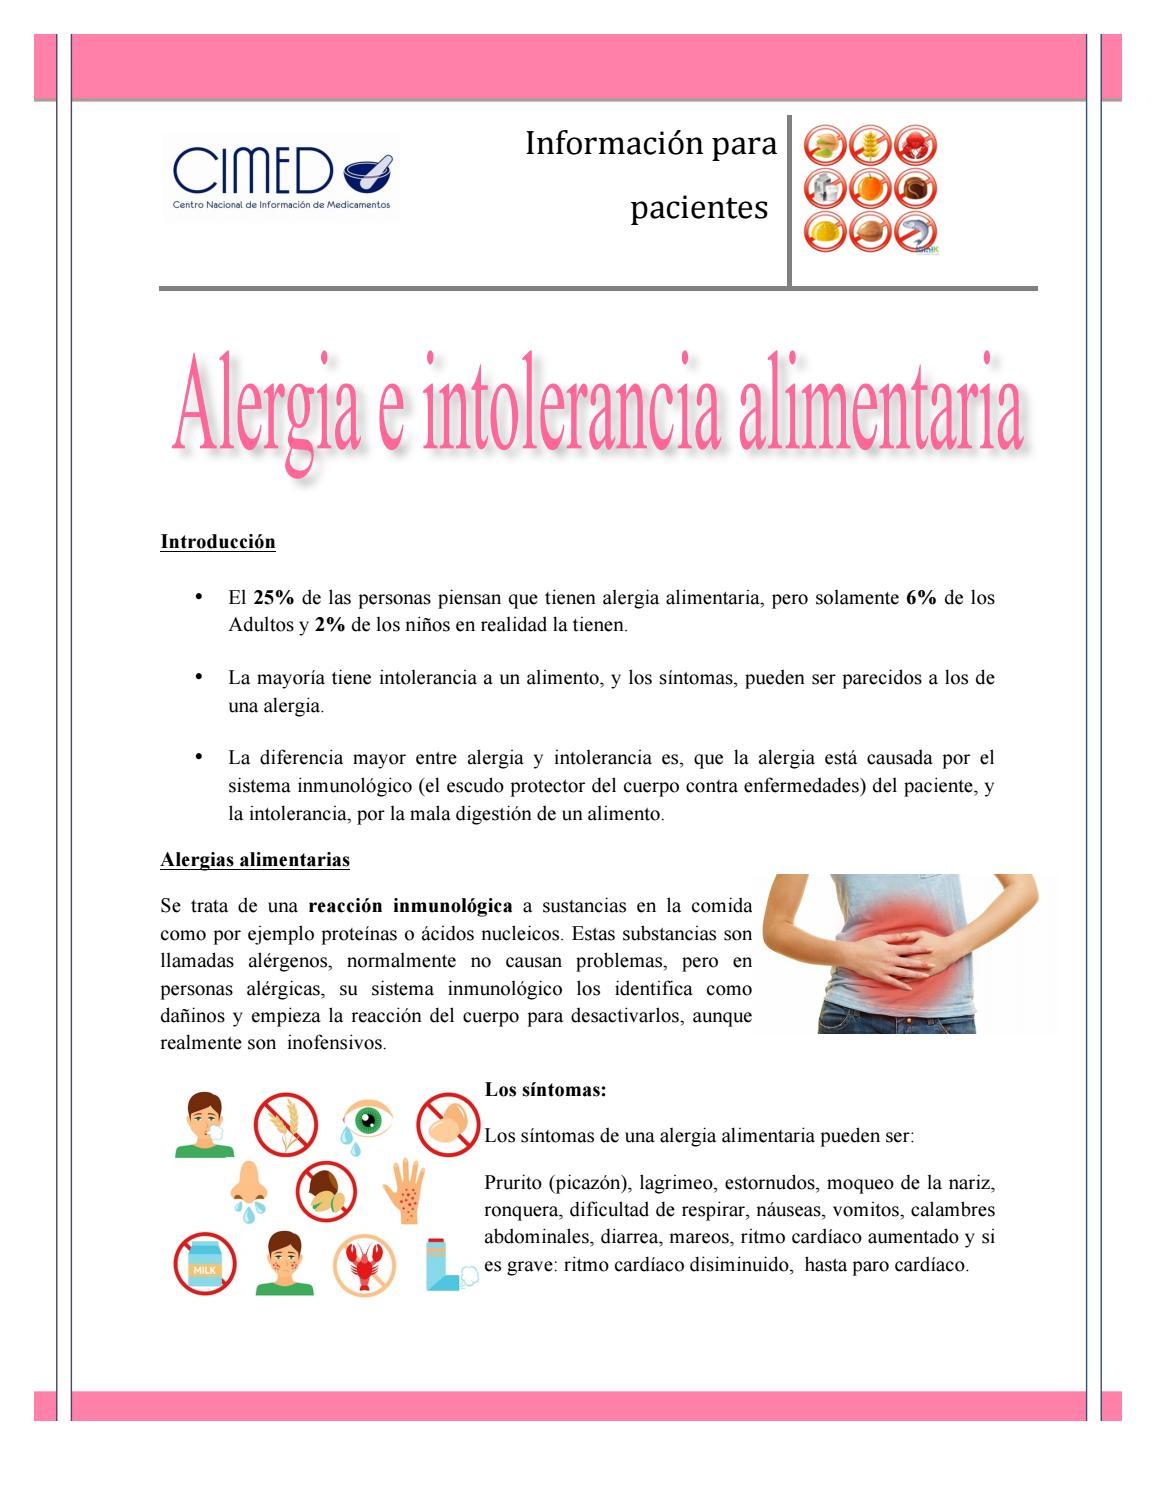 medicamento para alergias alimentarias